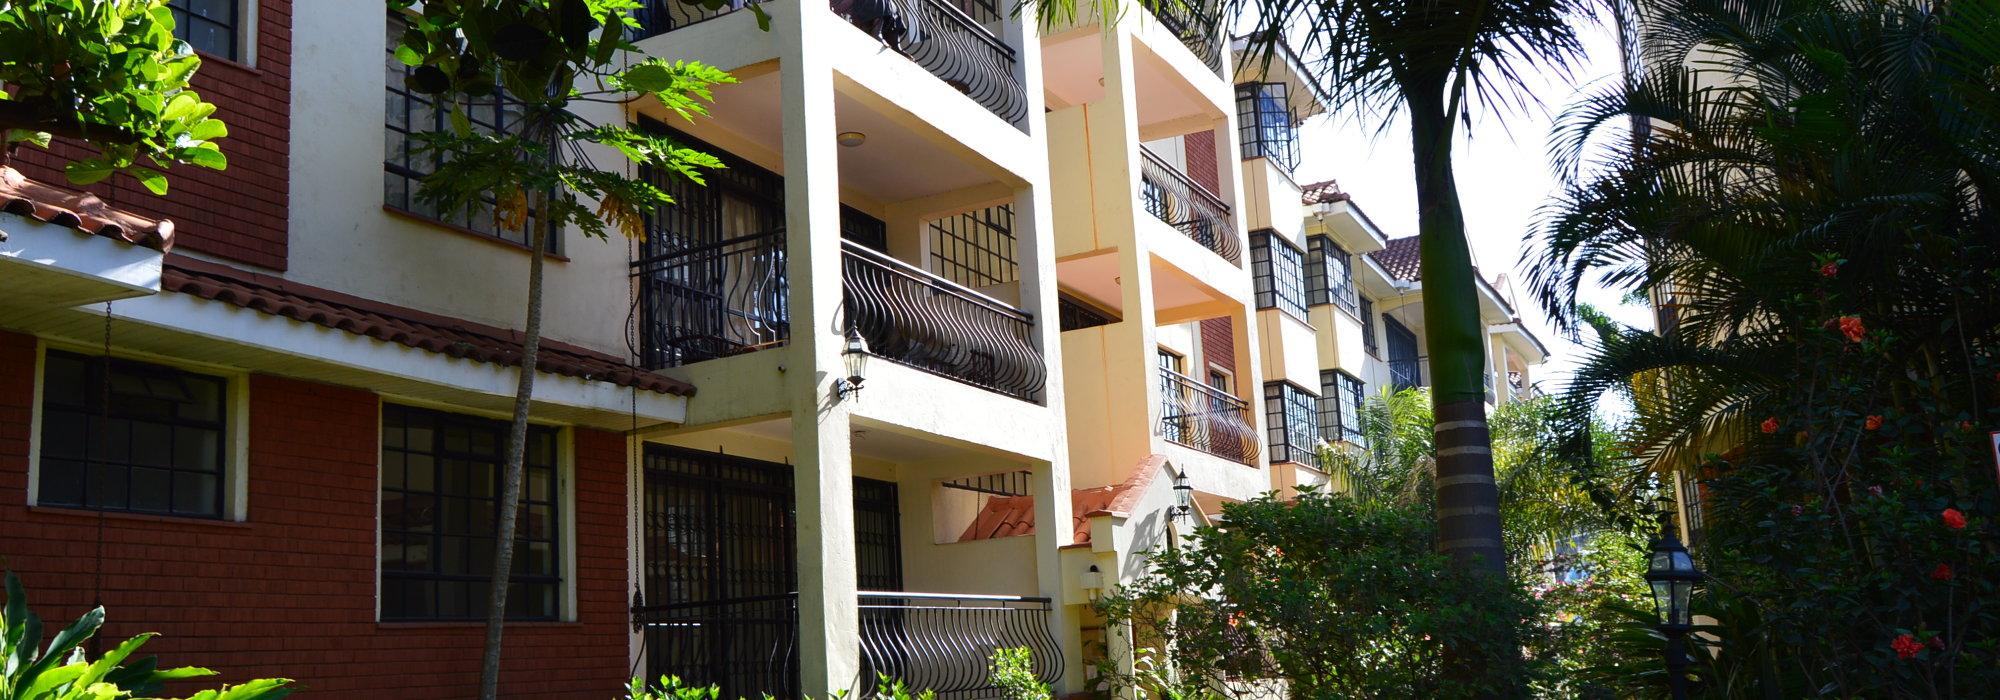 Kileleshwa – Apartment  to Let.